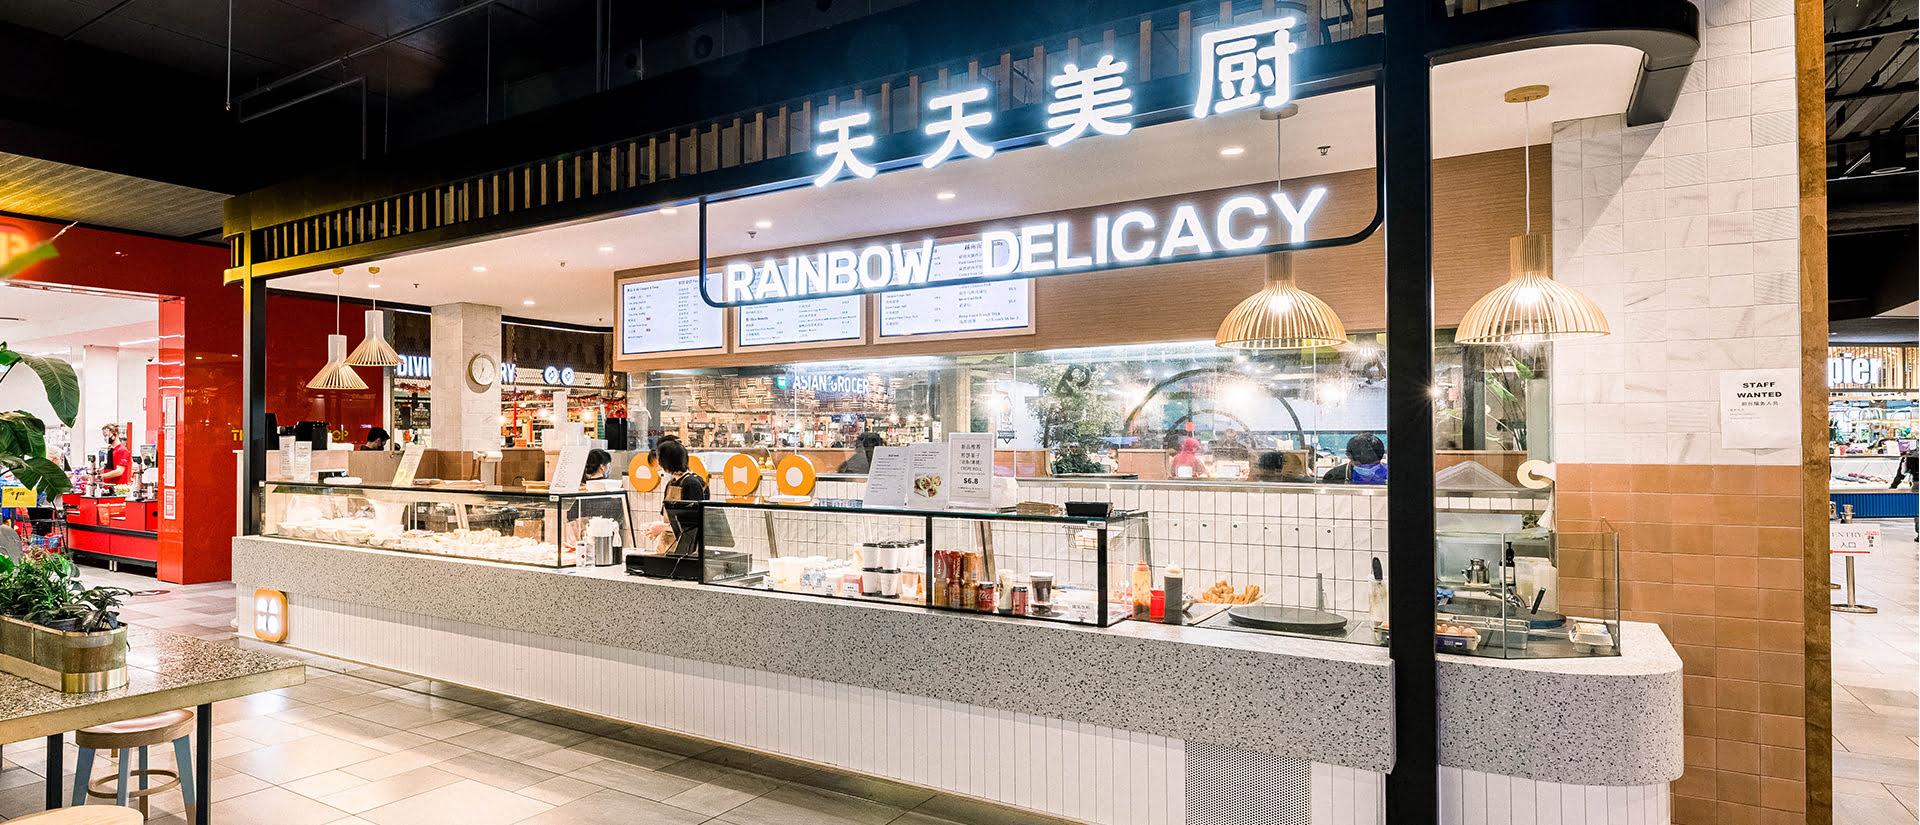 Rainbow Delicacy